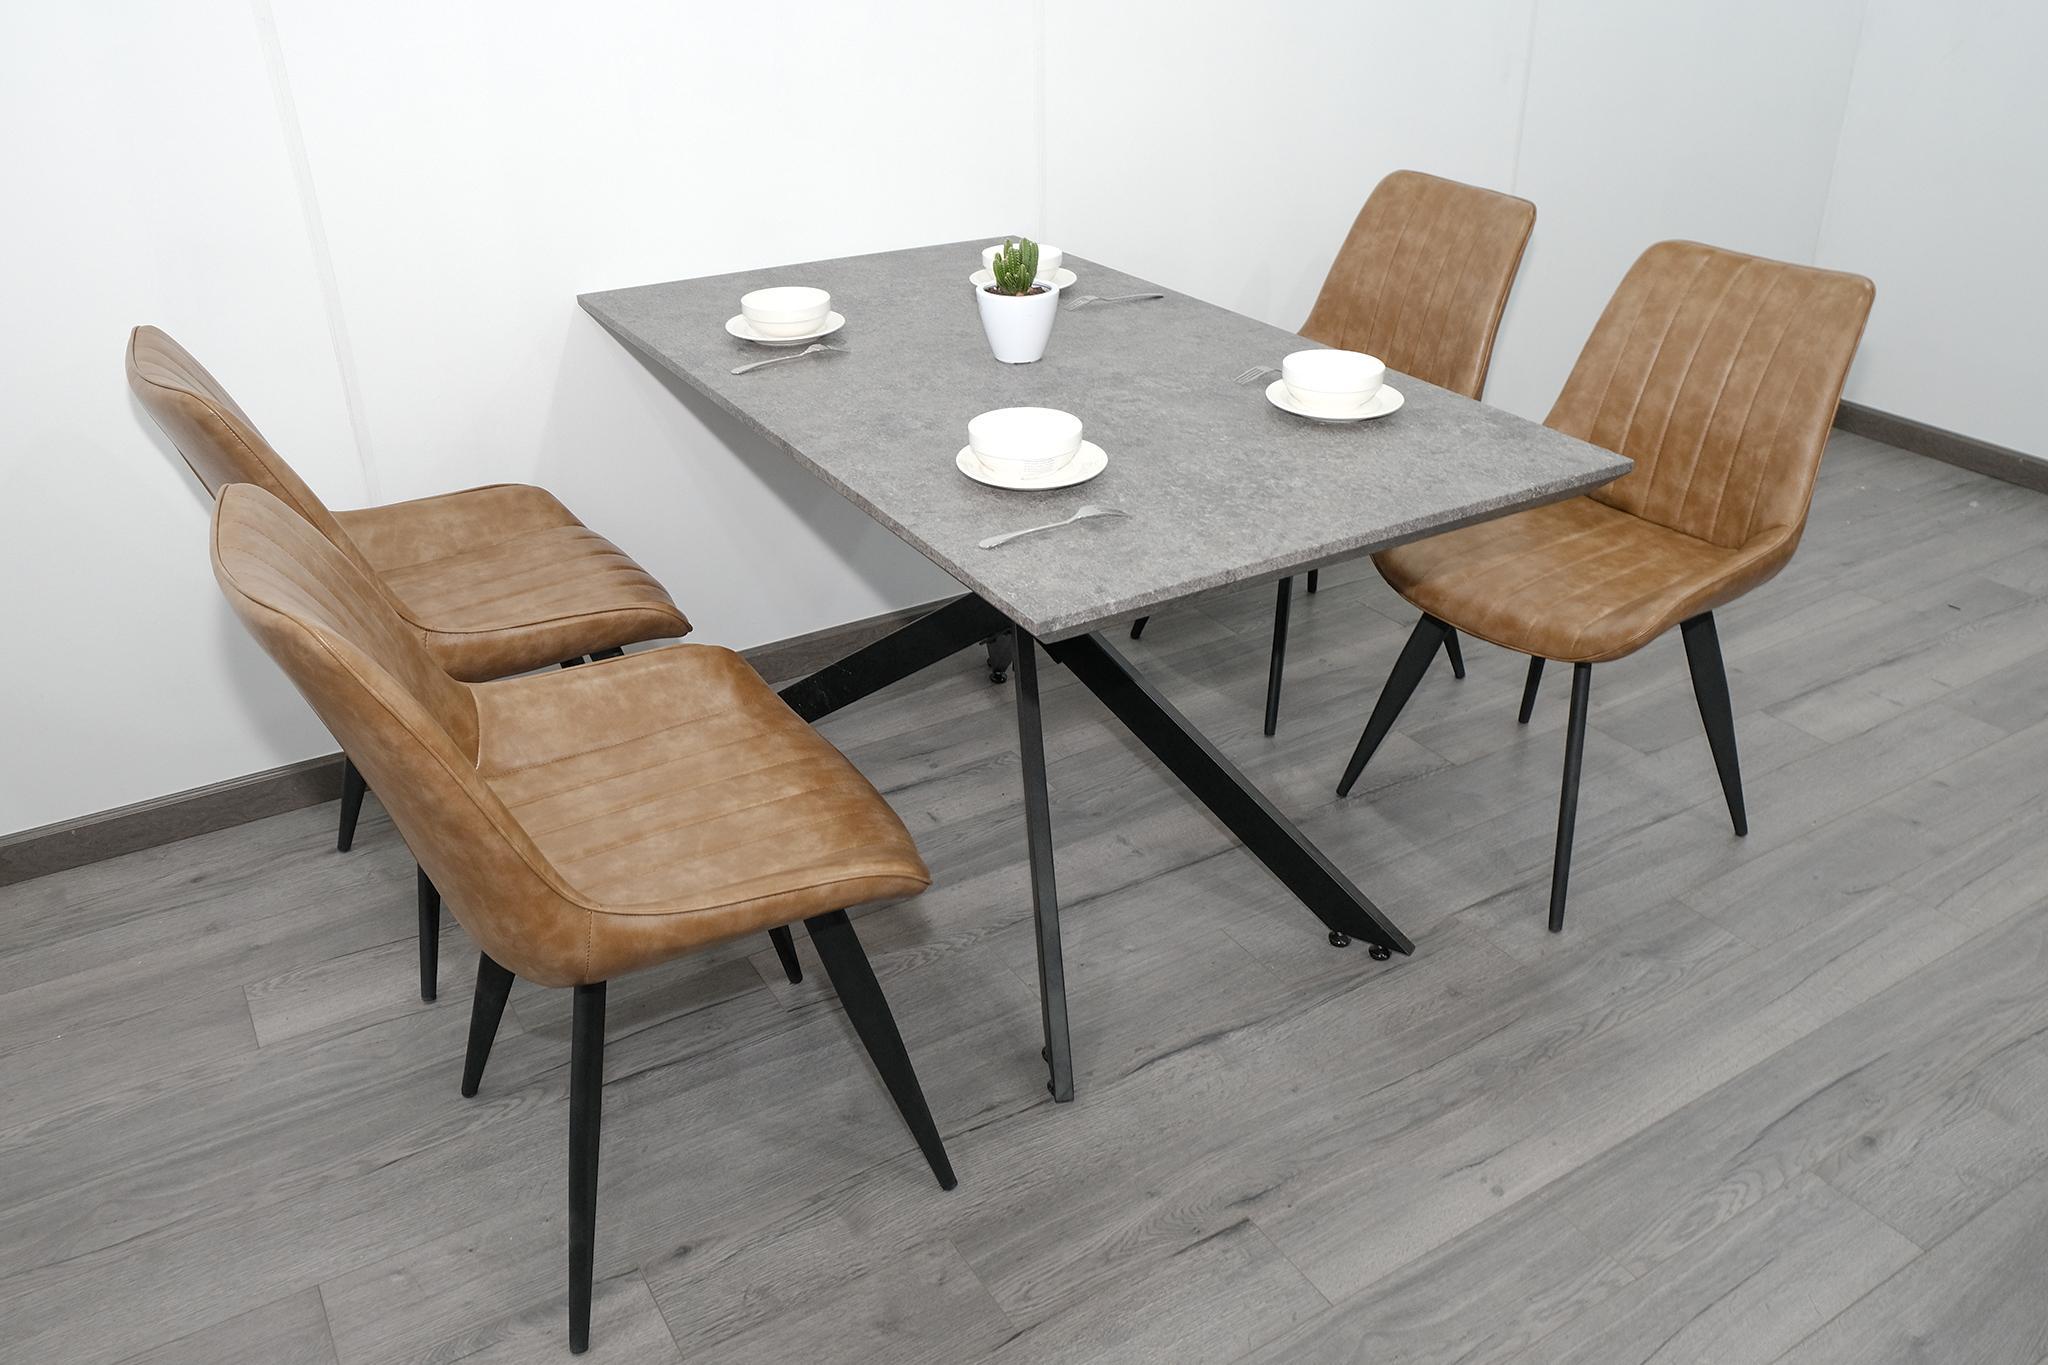 Bộ bàn ăn 4 ghế nhập khẩu hiện đại : KG –  T133-4